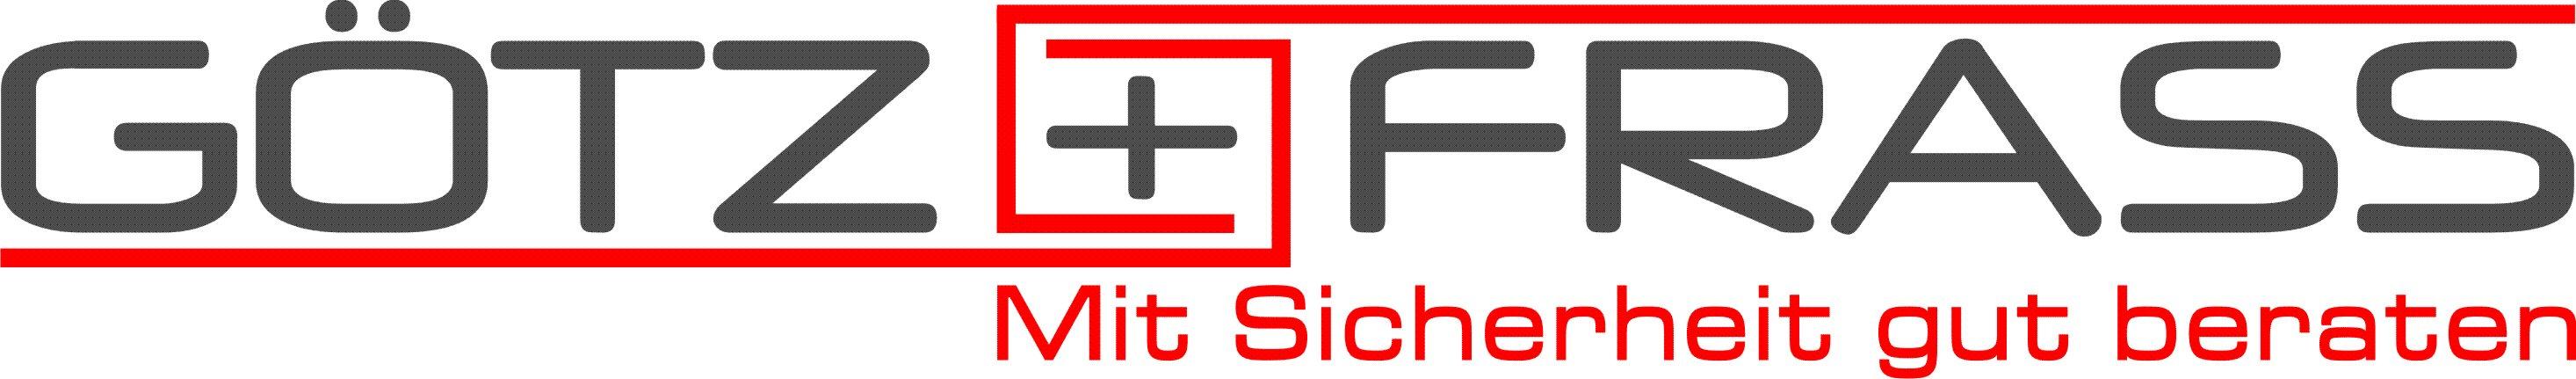 Götz & Frass GmbH & Co.KG Schliessanlagen und Schlüsseldienst